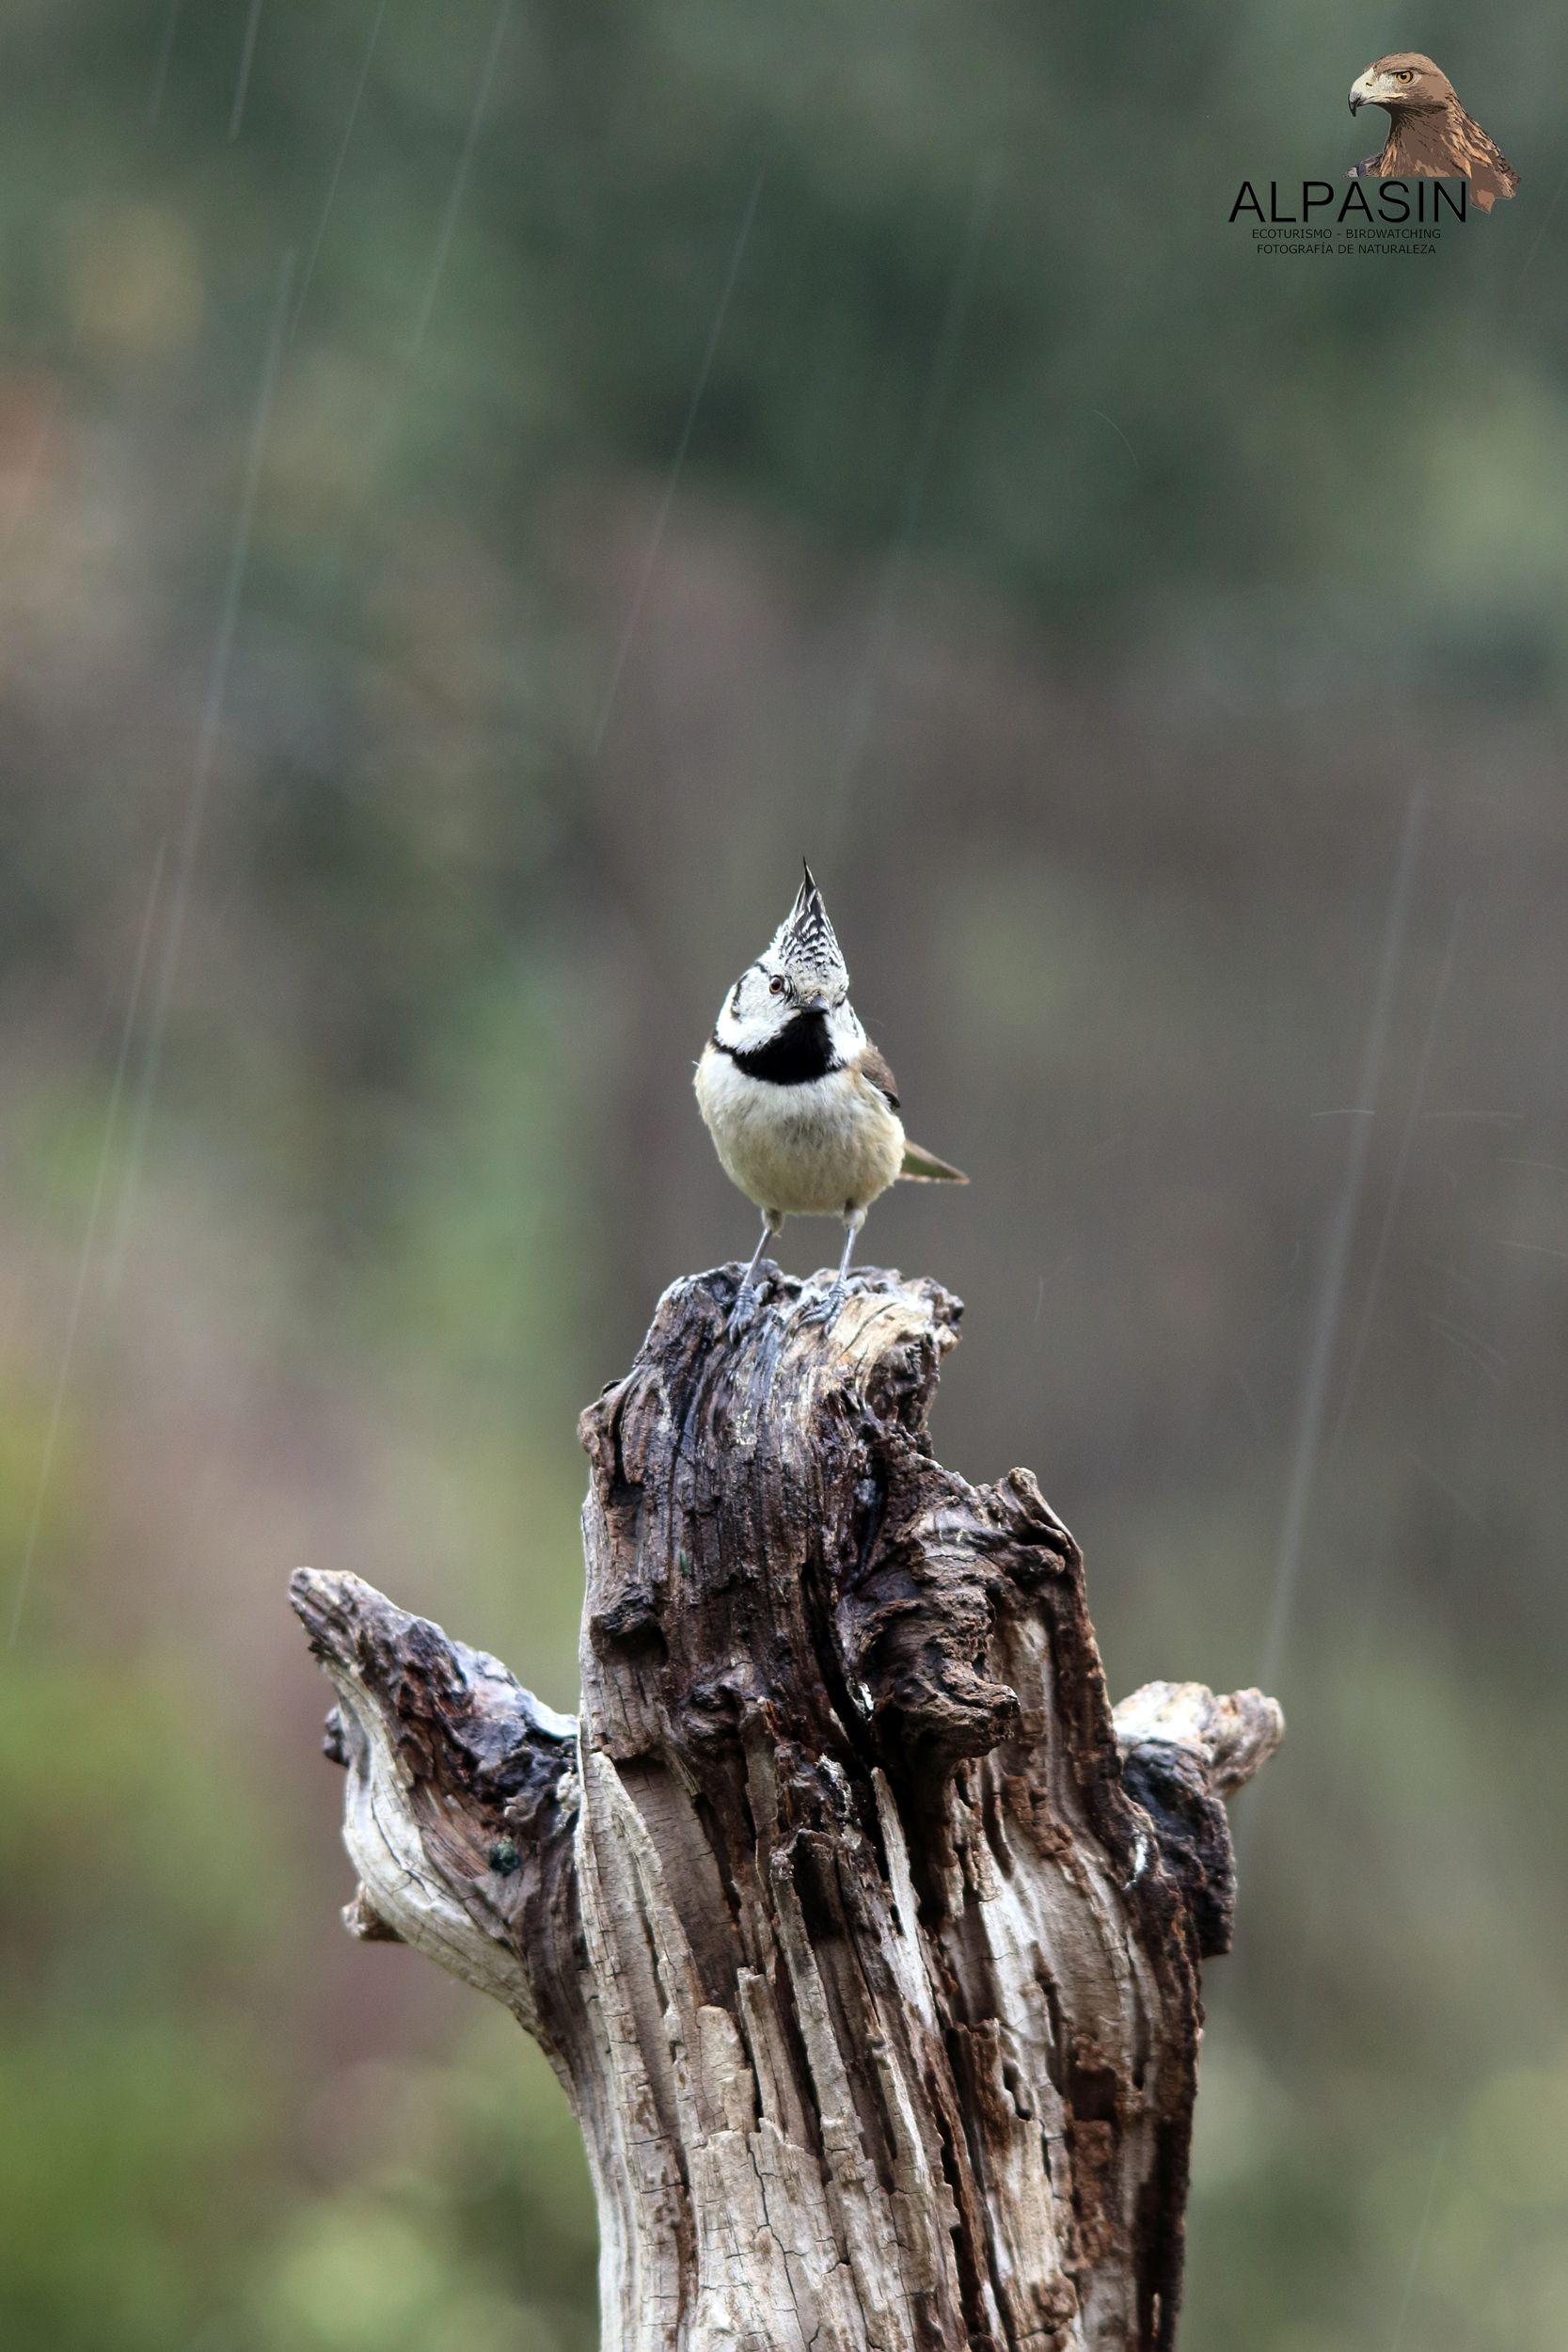 Difrutando cada gota de la primavera, en el corazón de Sierra Morena.